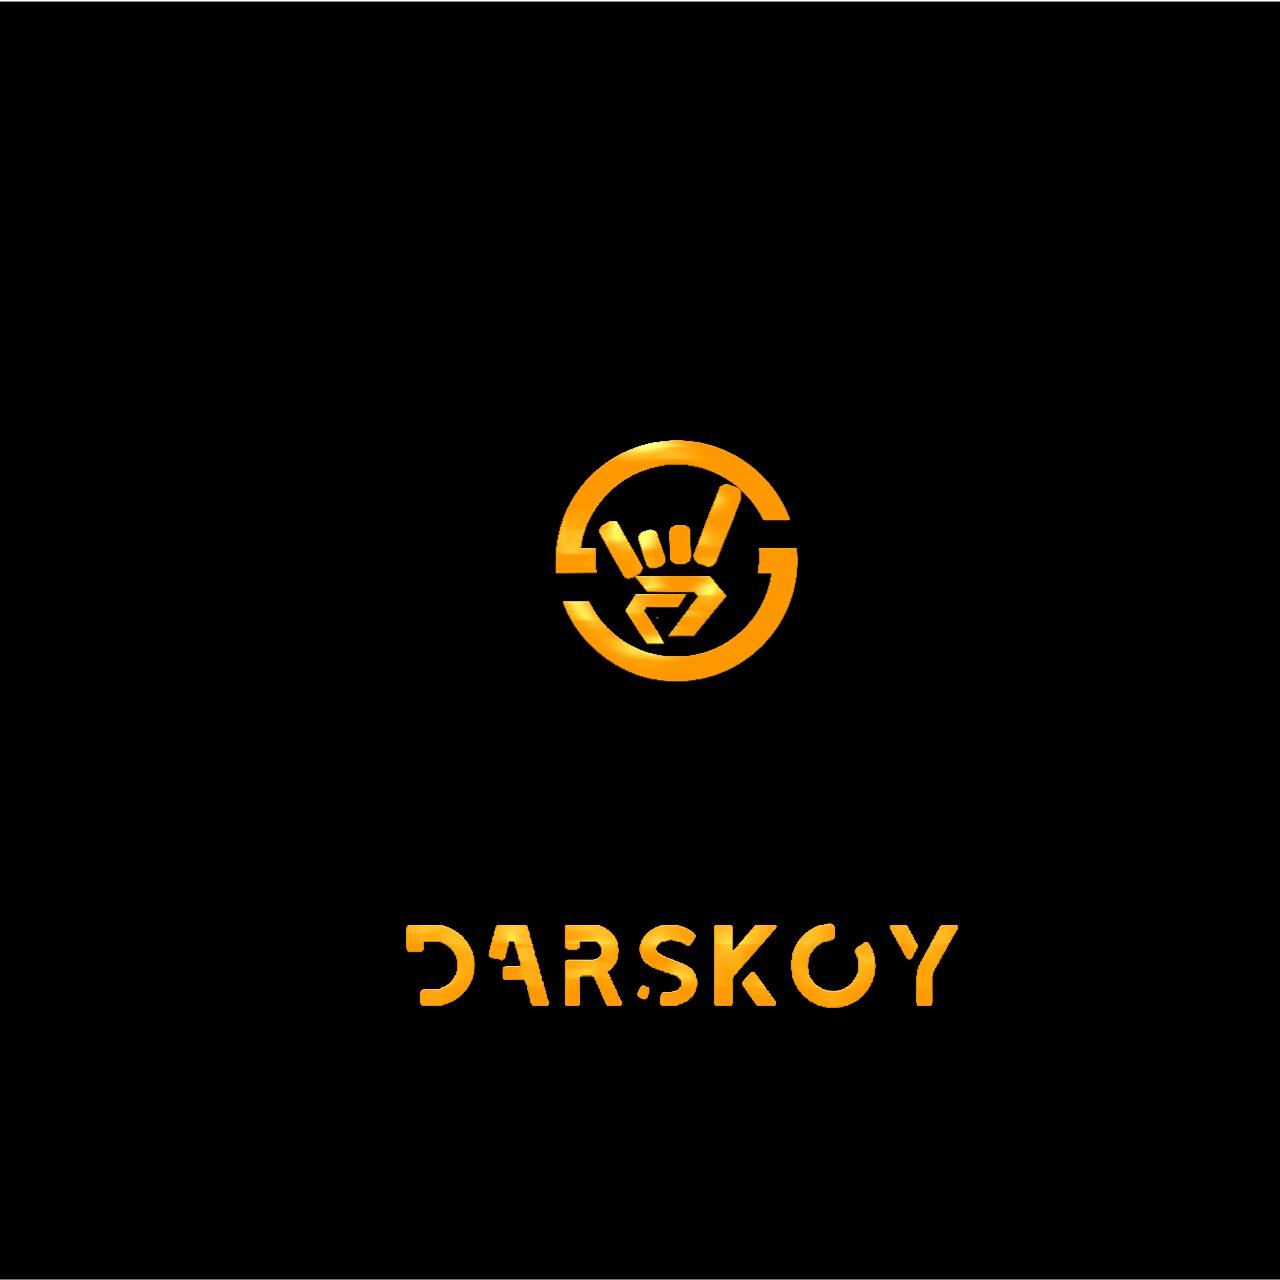 Нарисовать логотип для сольного музыкального проекта фото f_1135ba7e8a2a69eb.jpg